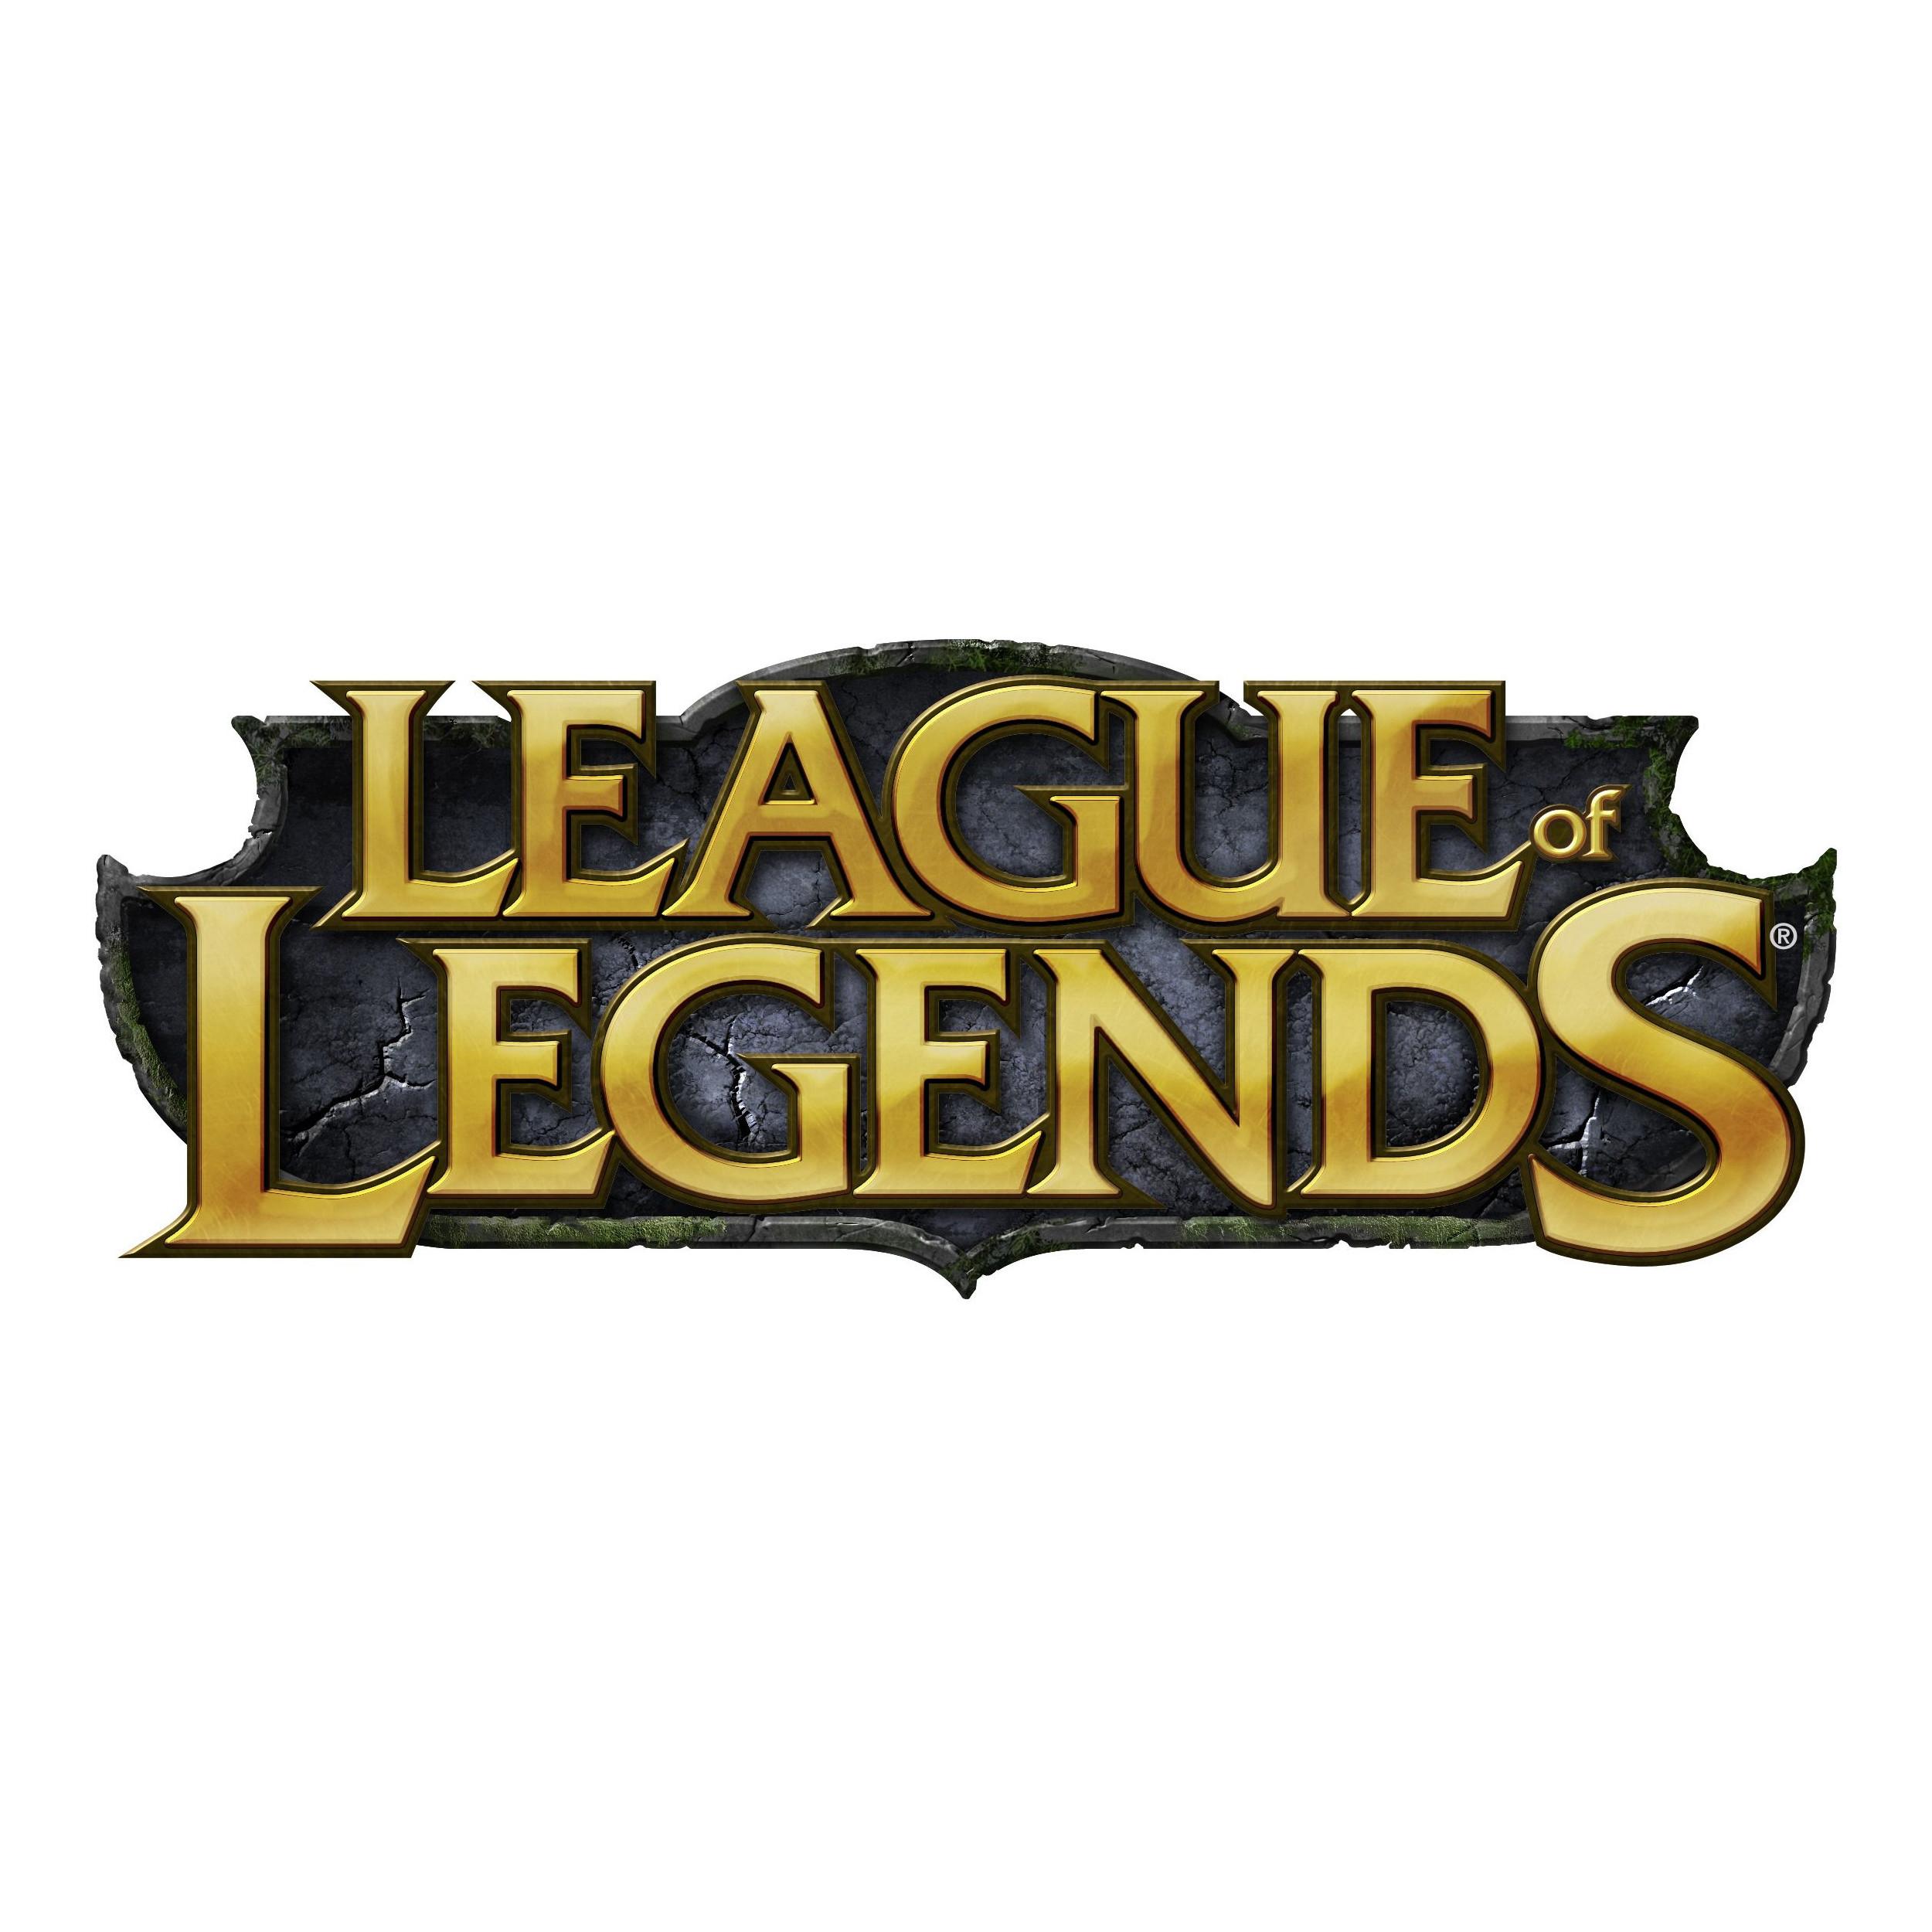 League of Legends - kostenlose Skinsplitter und ein zufälliger Bonusgegenstand [Twitch Prime]